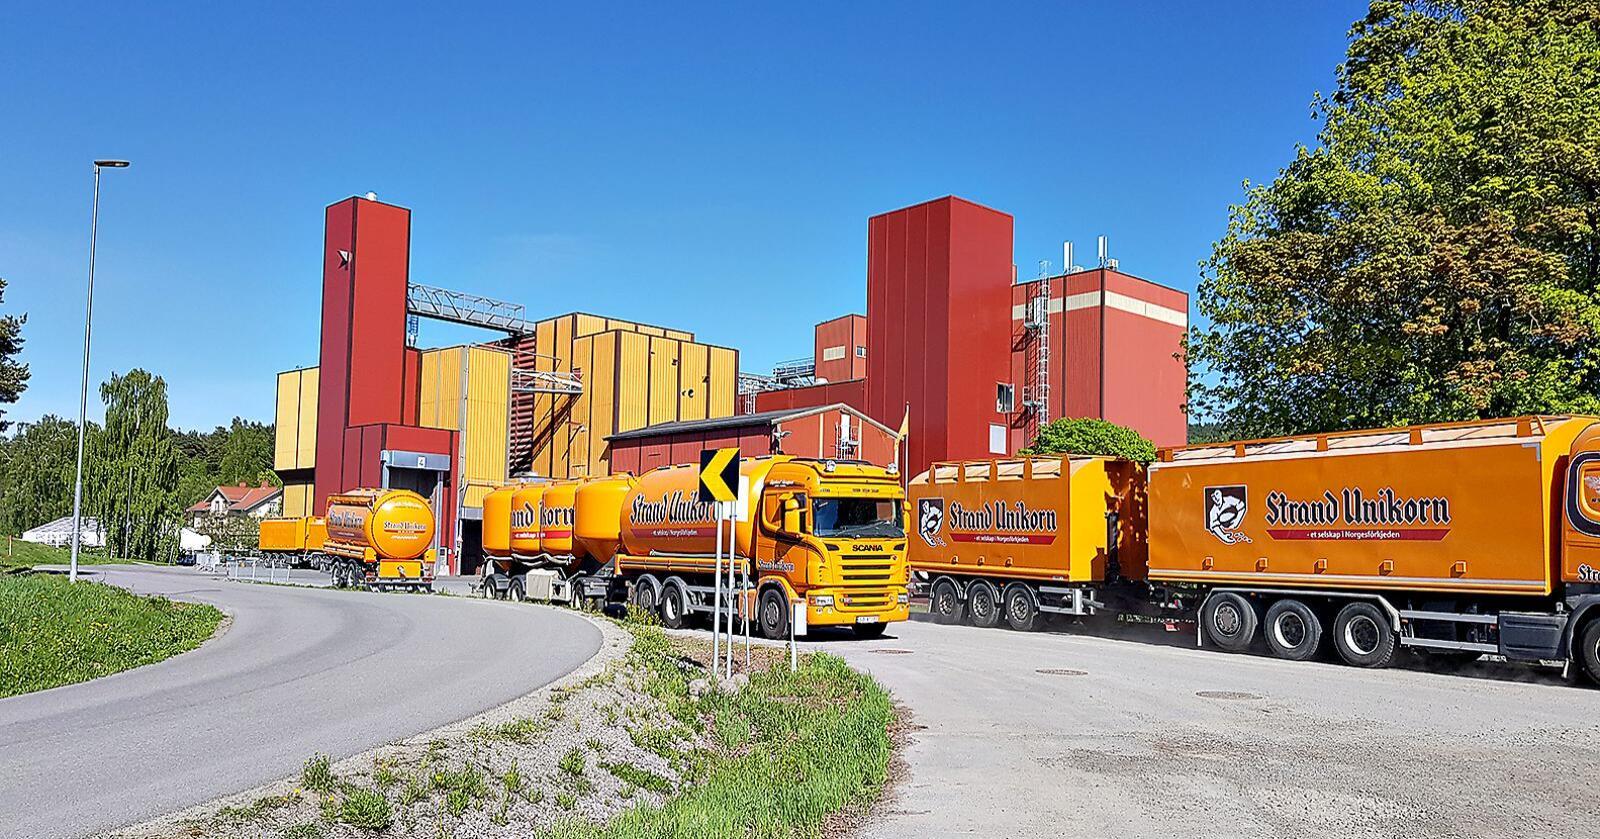 INNLANDET: Strand Unikorn fabrikk i Moelv. Foto: Strand Unikorn.